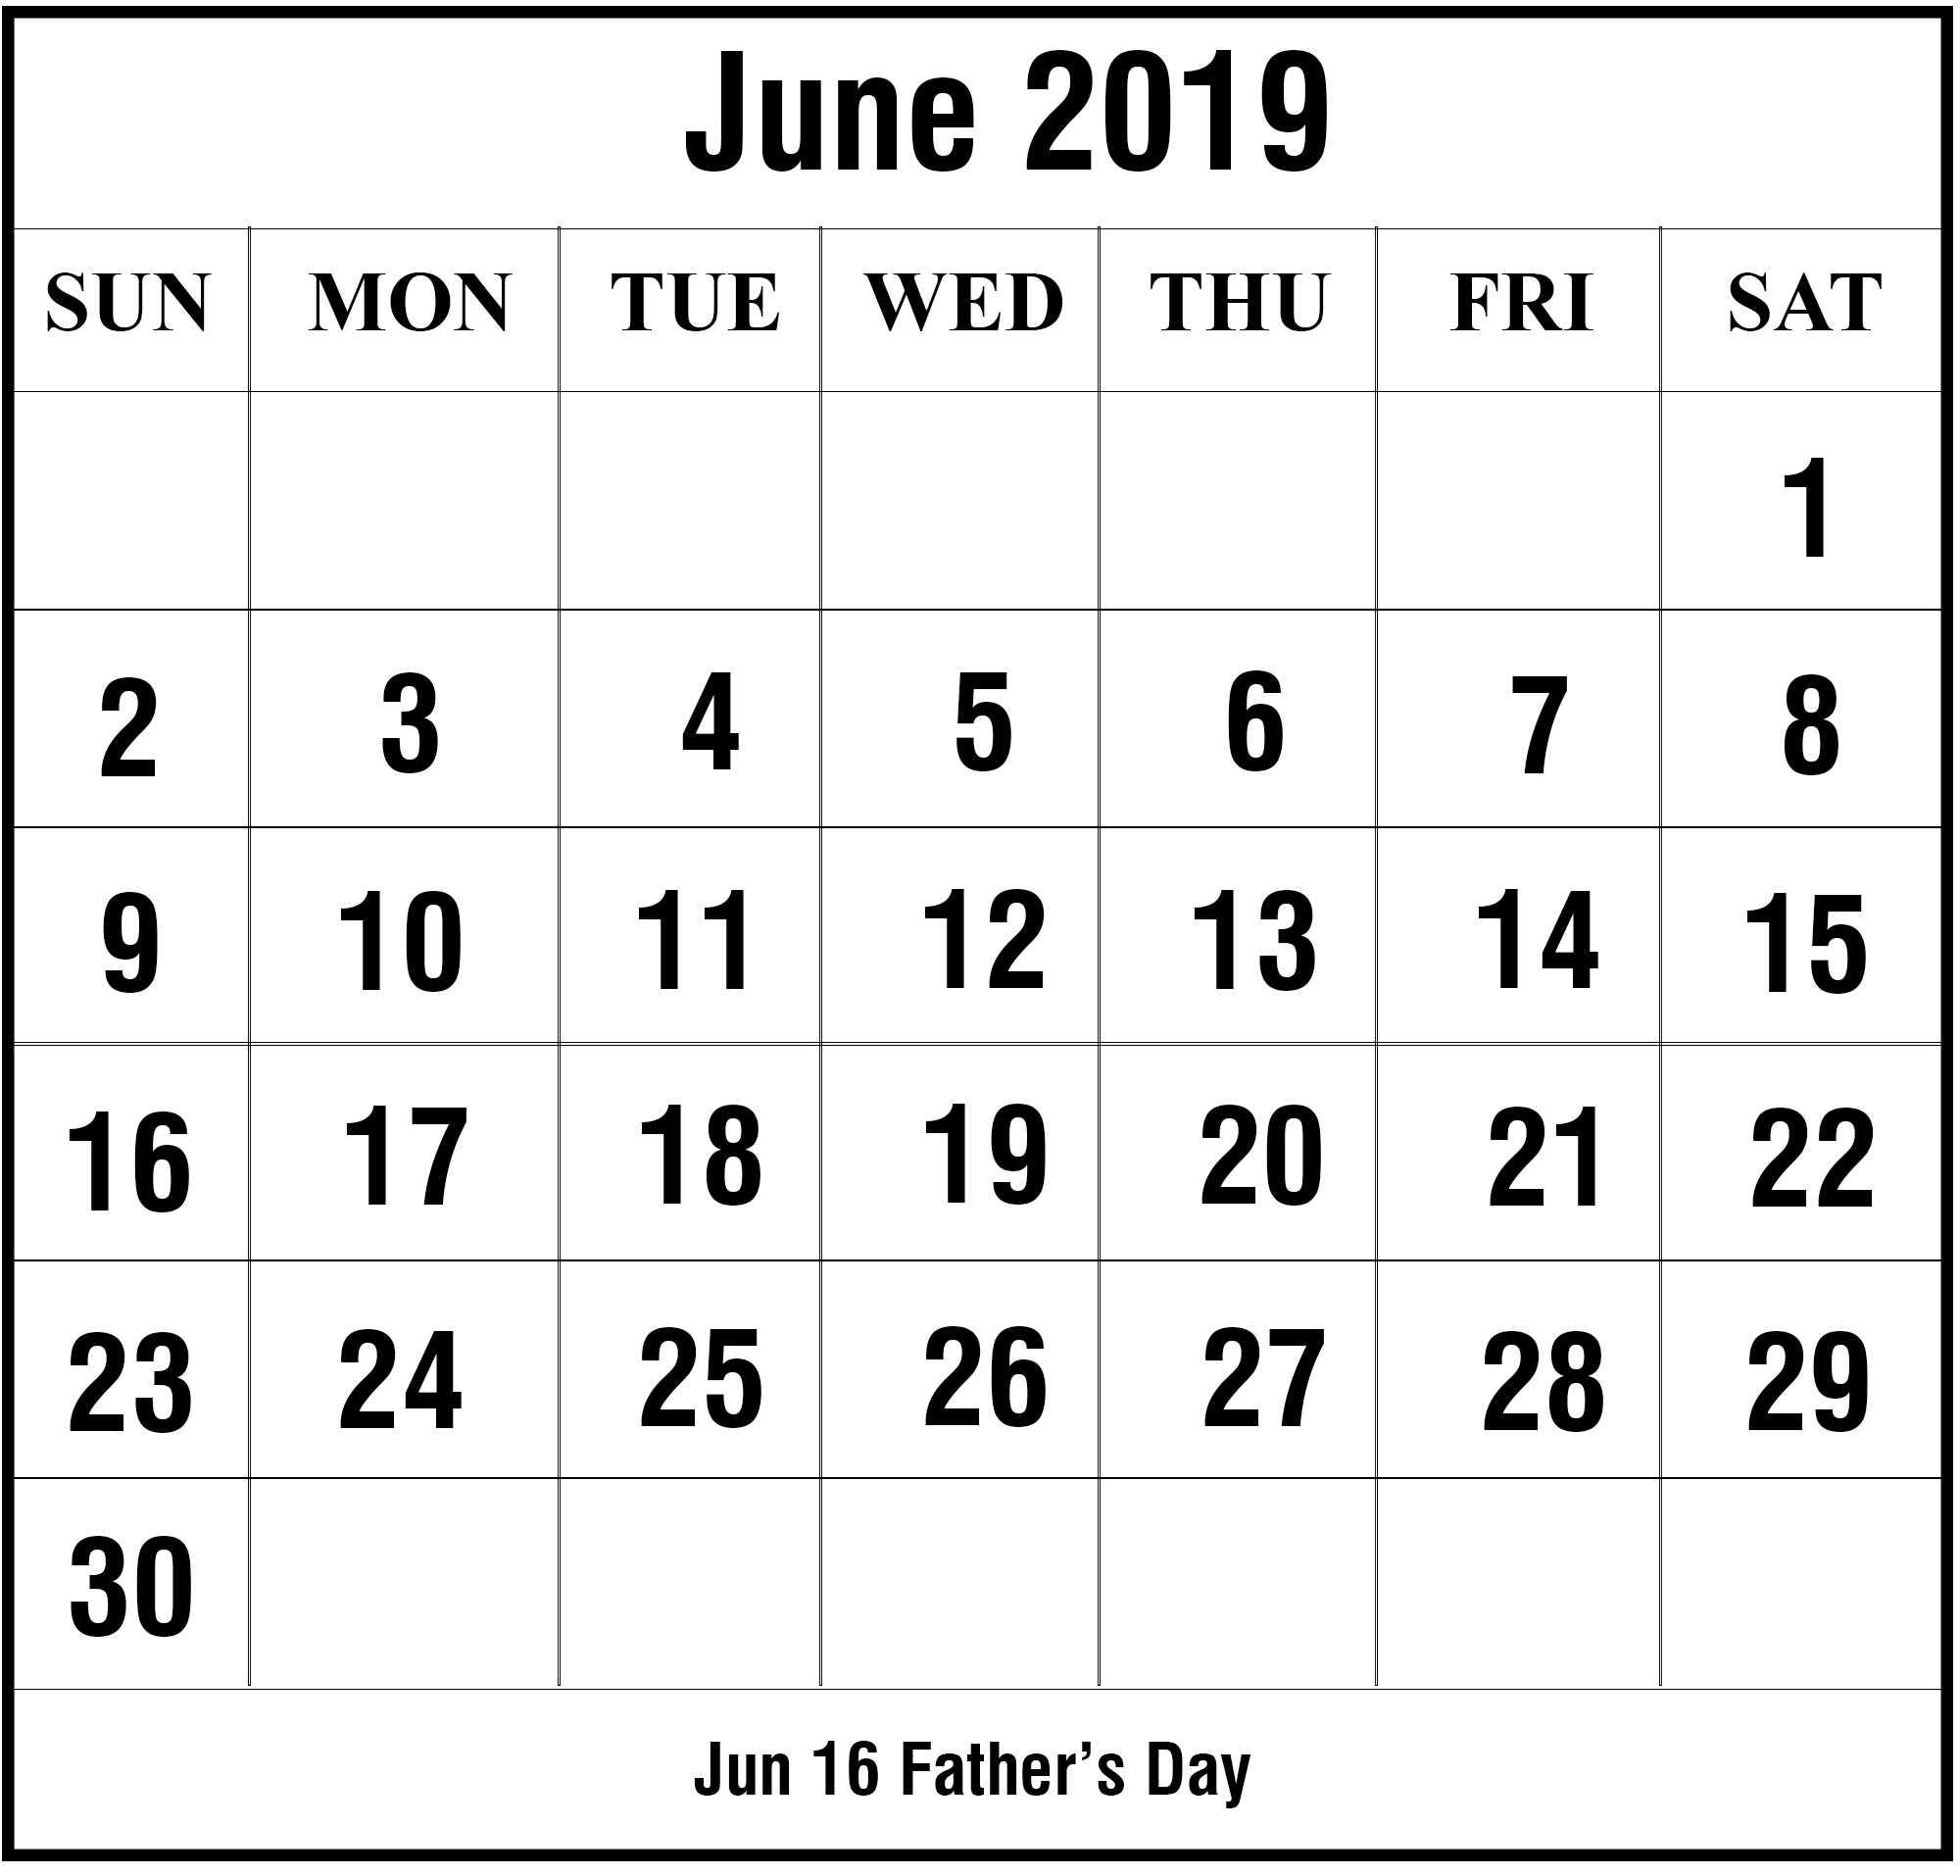 Free June 2019 Printable Calendar Template In Pdf, Excel